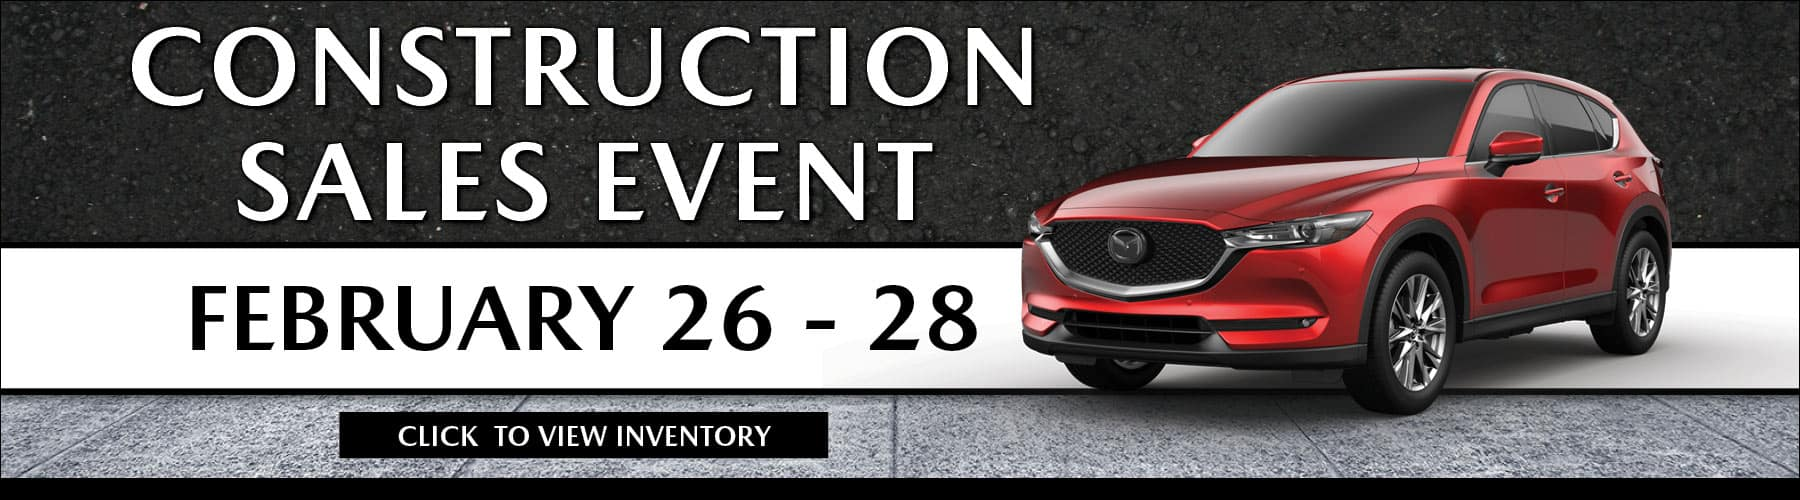 Construction Sales Event